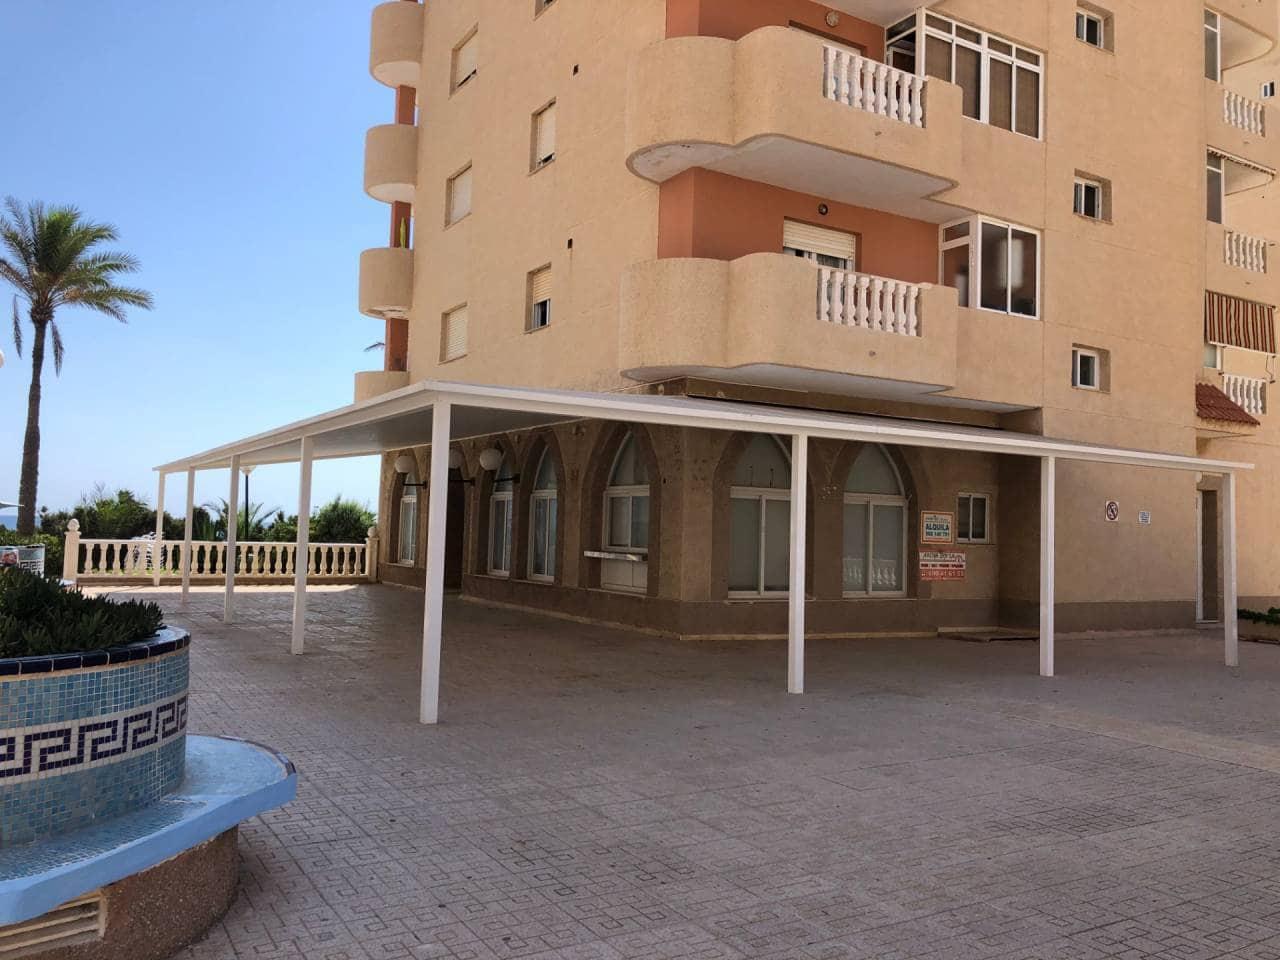 Ristorante/Bar in vendita in La Manga del Mar Menor con garage - 310.000 € (Rif: 5659235)